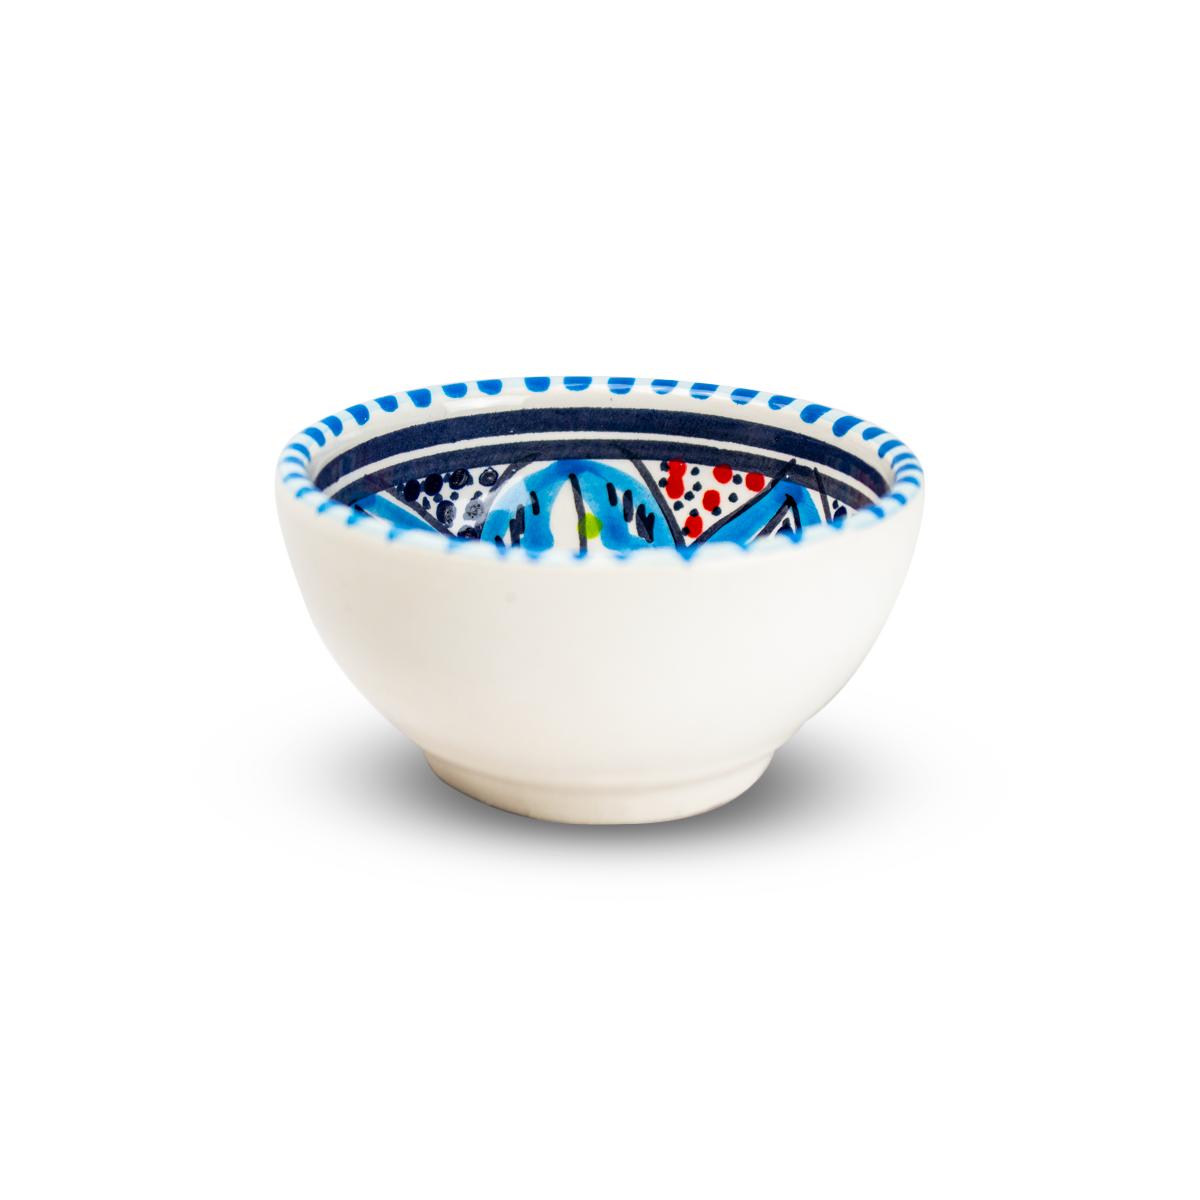 Dishes_Deco_Tapasschaaltje_Turquoise_Blue_6_cm2